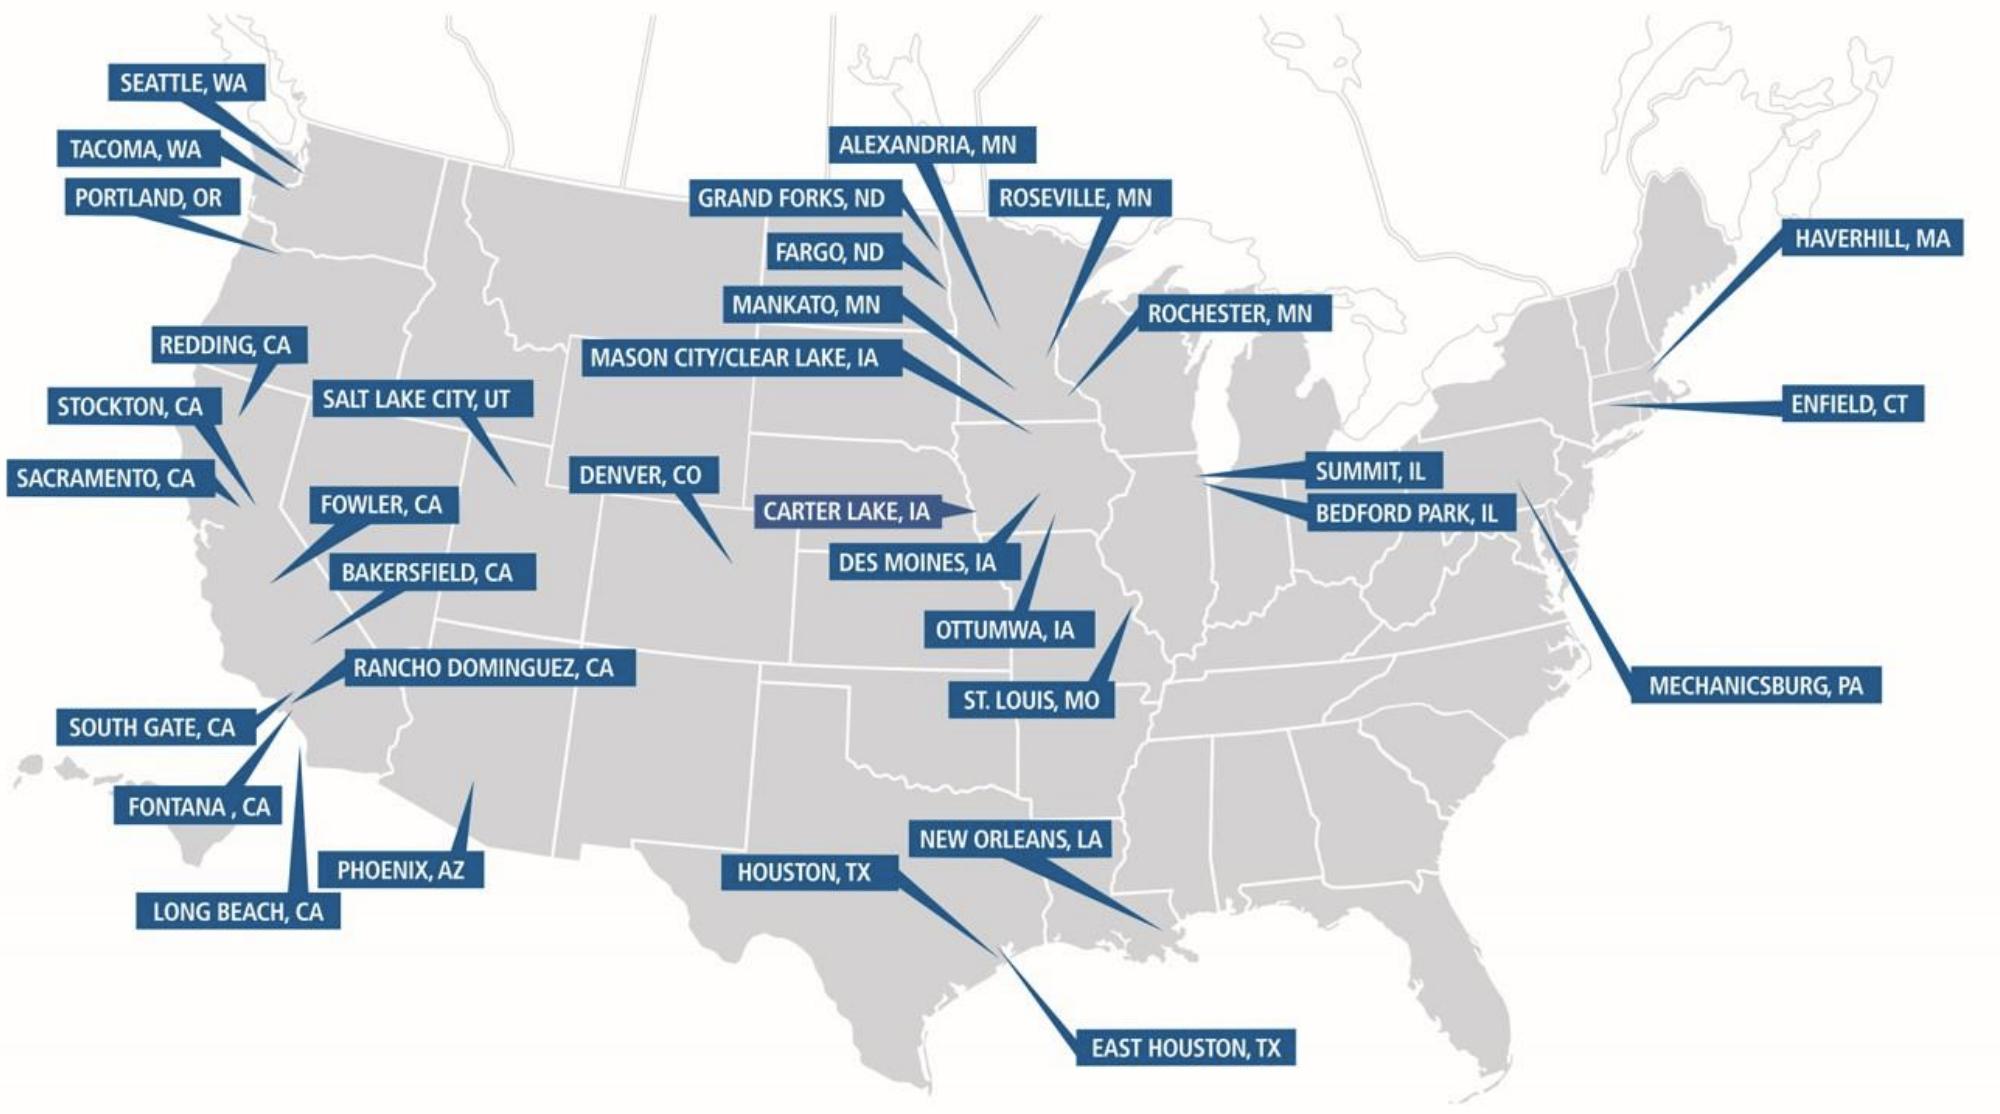 Сеть терминалов компании в США. Источник: презентация компании, слайд81